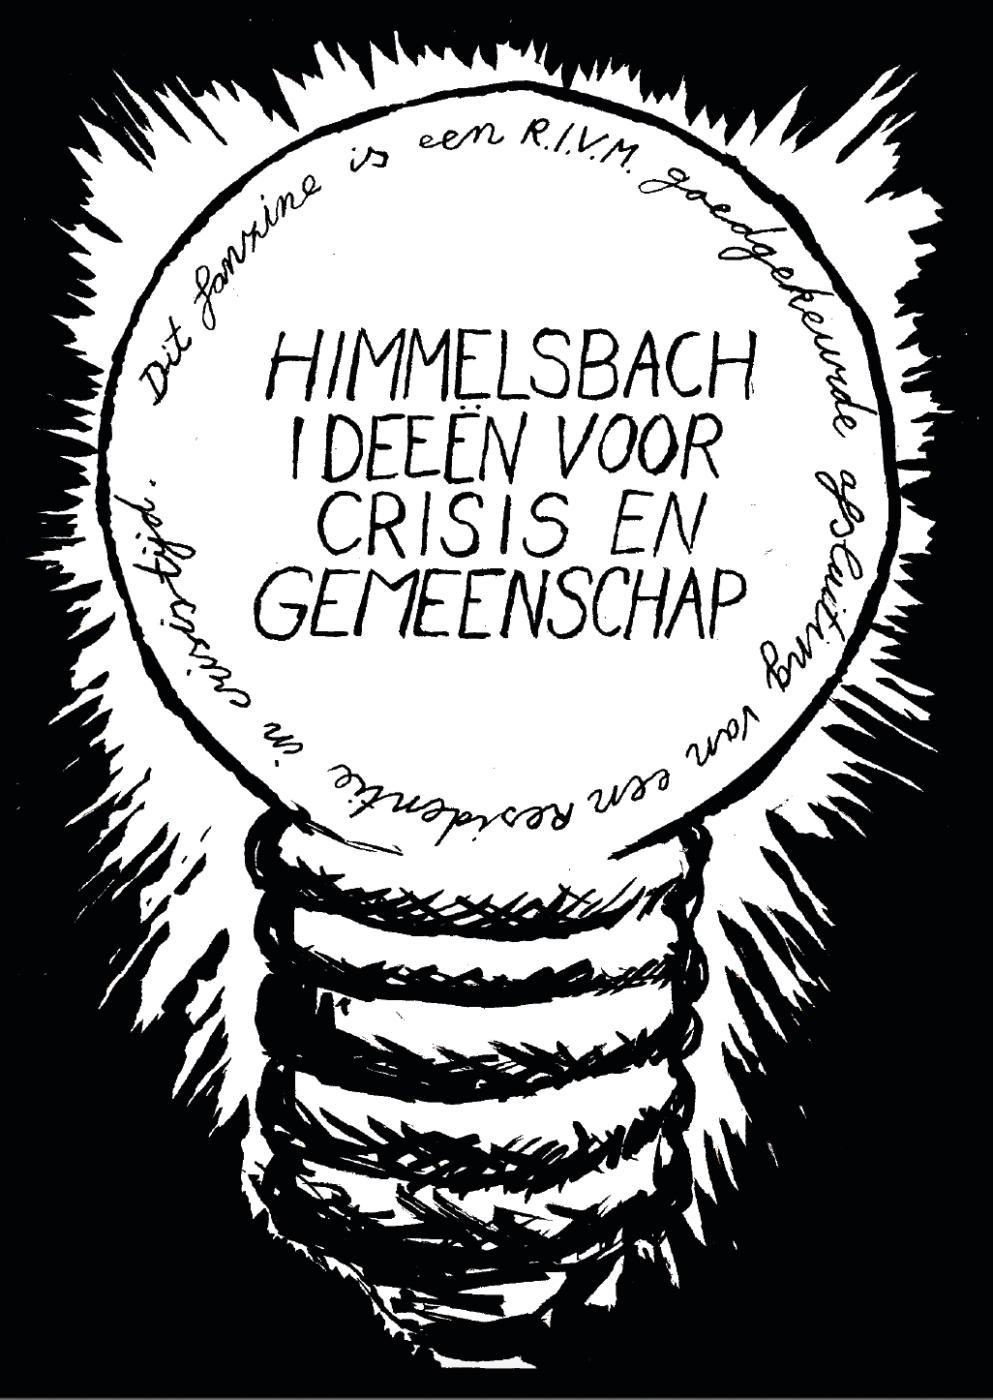 Poster, Domenique Himmelsbach de Vries (2020)